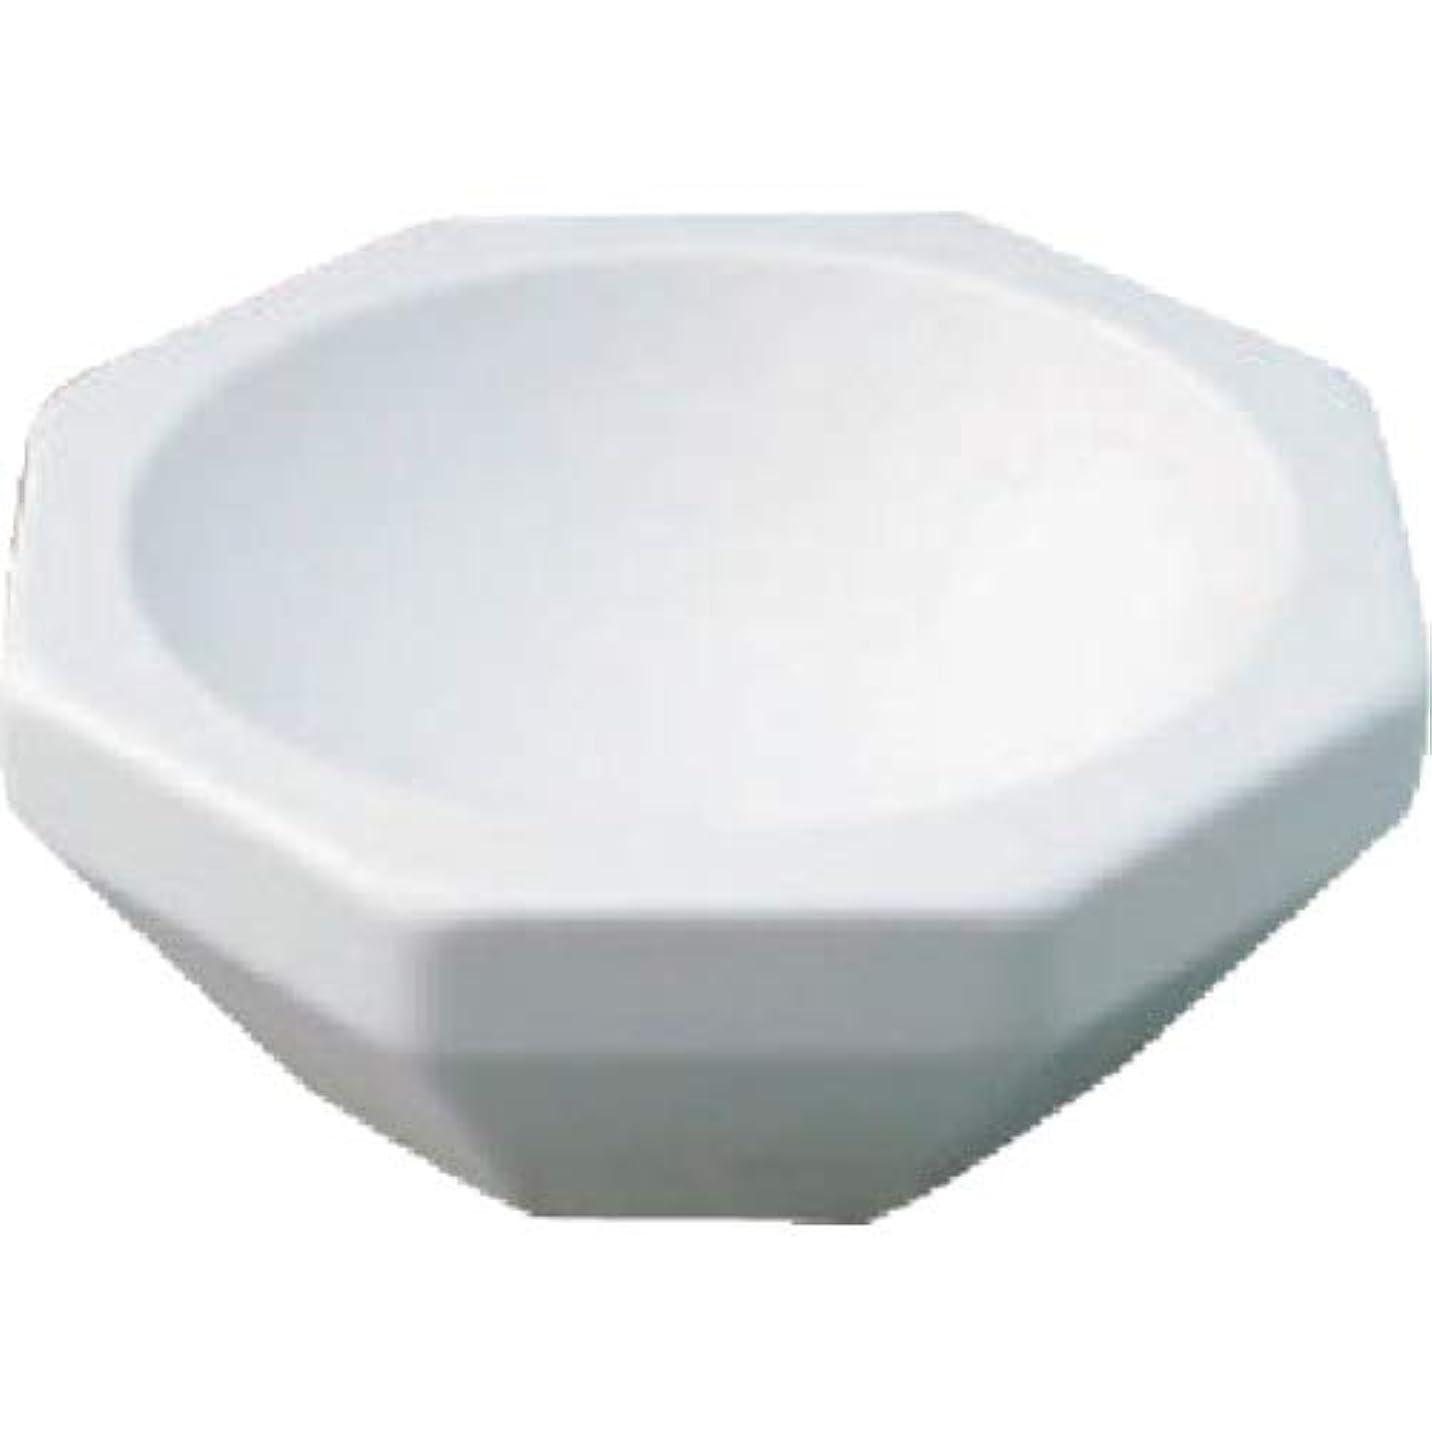 定義フォーラム農業レオナ 乳鉢(乳棒付)アルミナ 30mL/61-9632-22